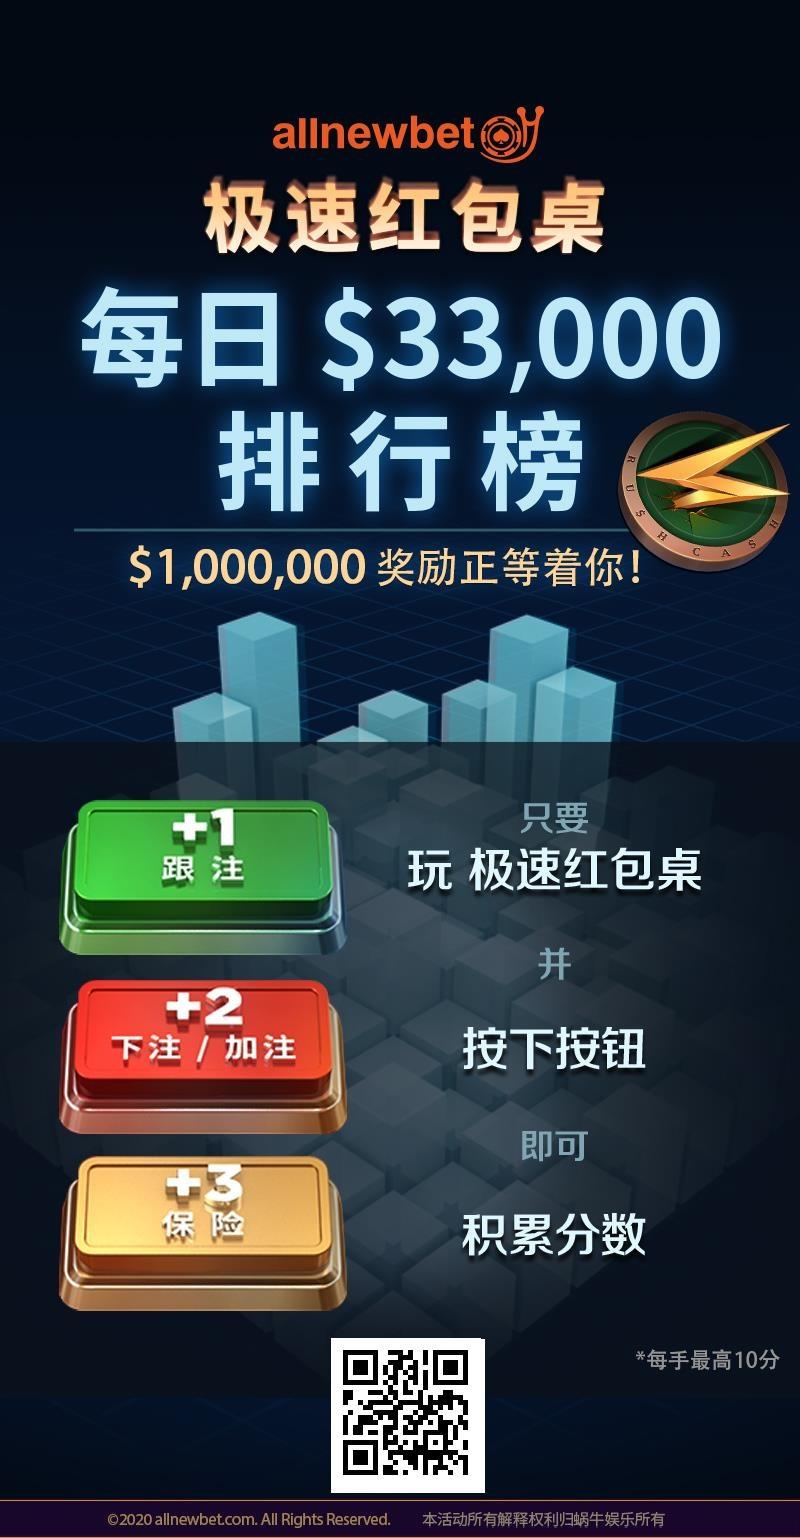 蜗牛扑克极速红包桌每日33000美金排行榜